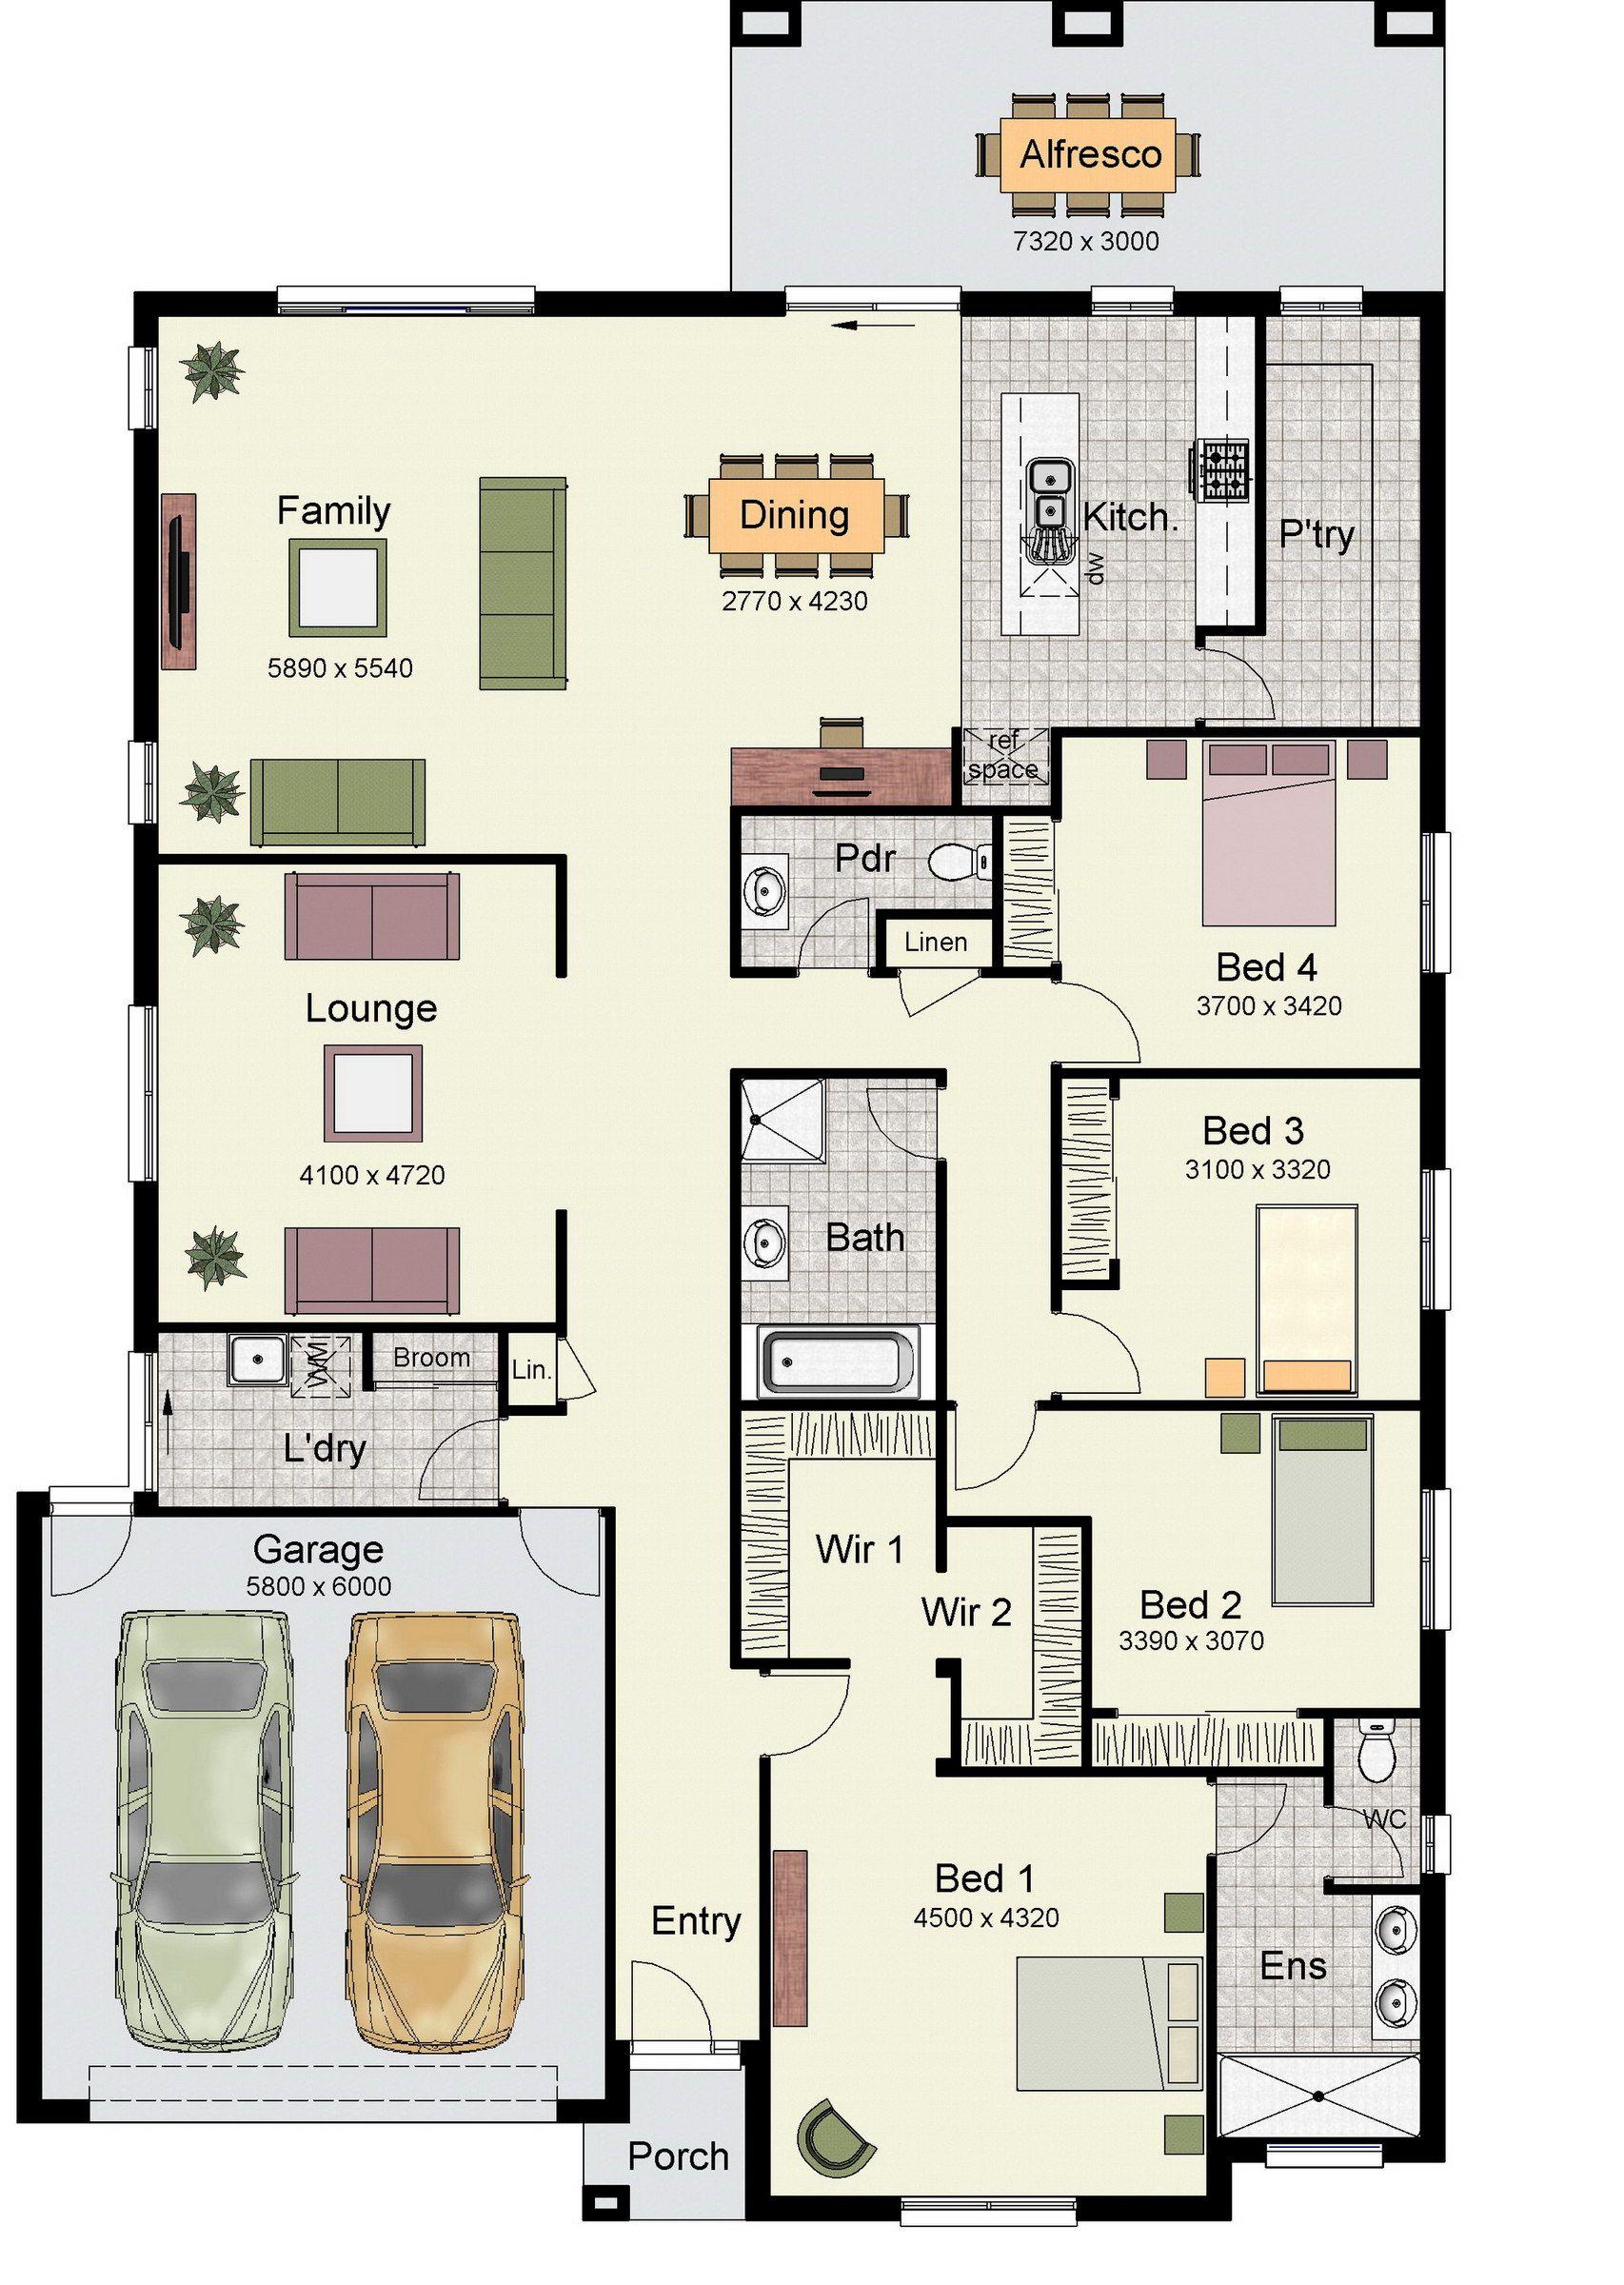 The Erskine 290 Is One Of Our Most Popular Designs Hotondo Homes Husritning Husritningar Husplaner